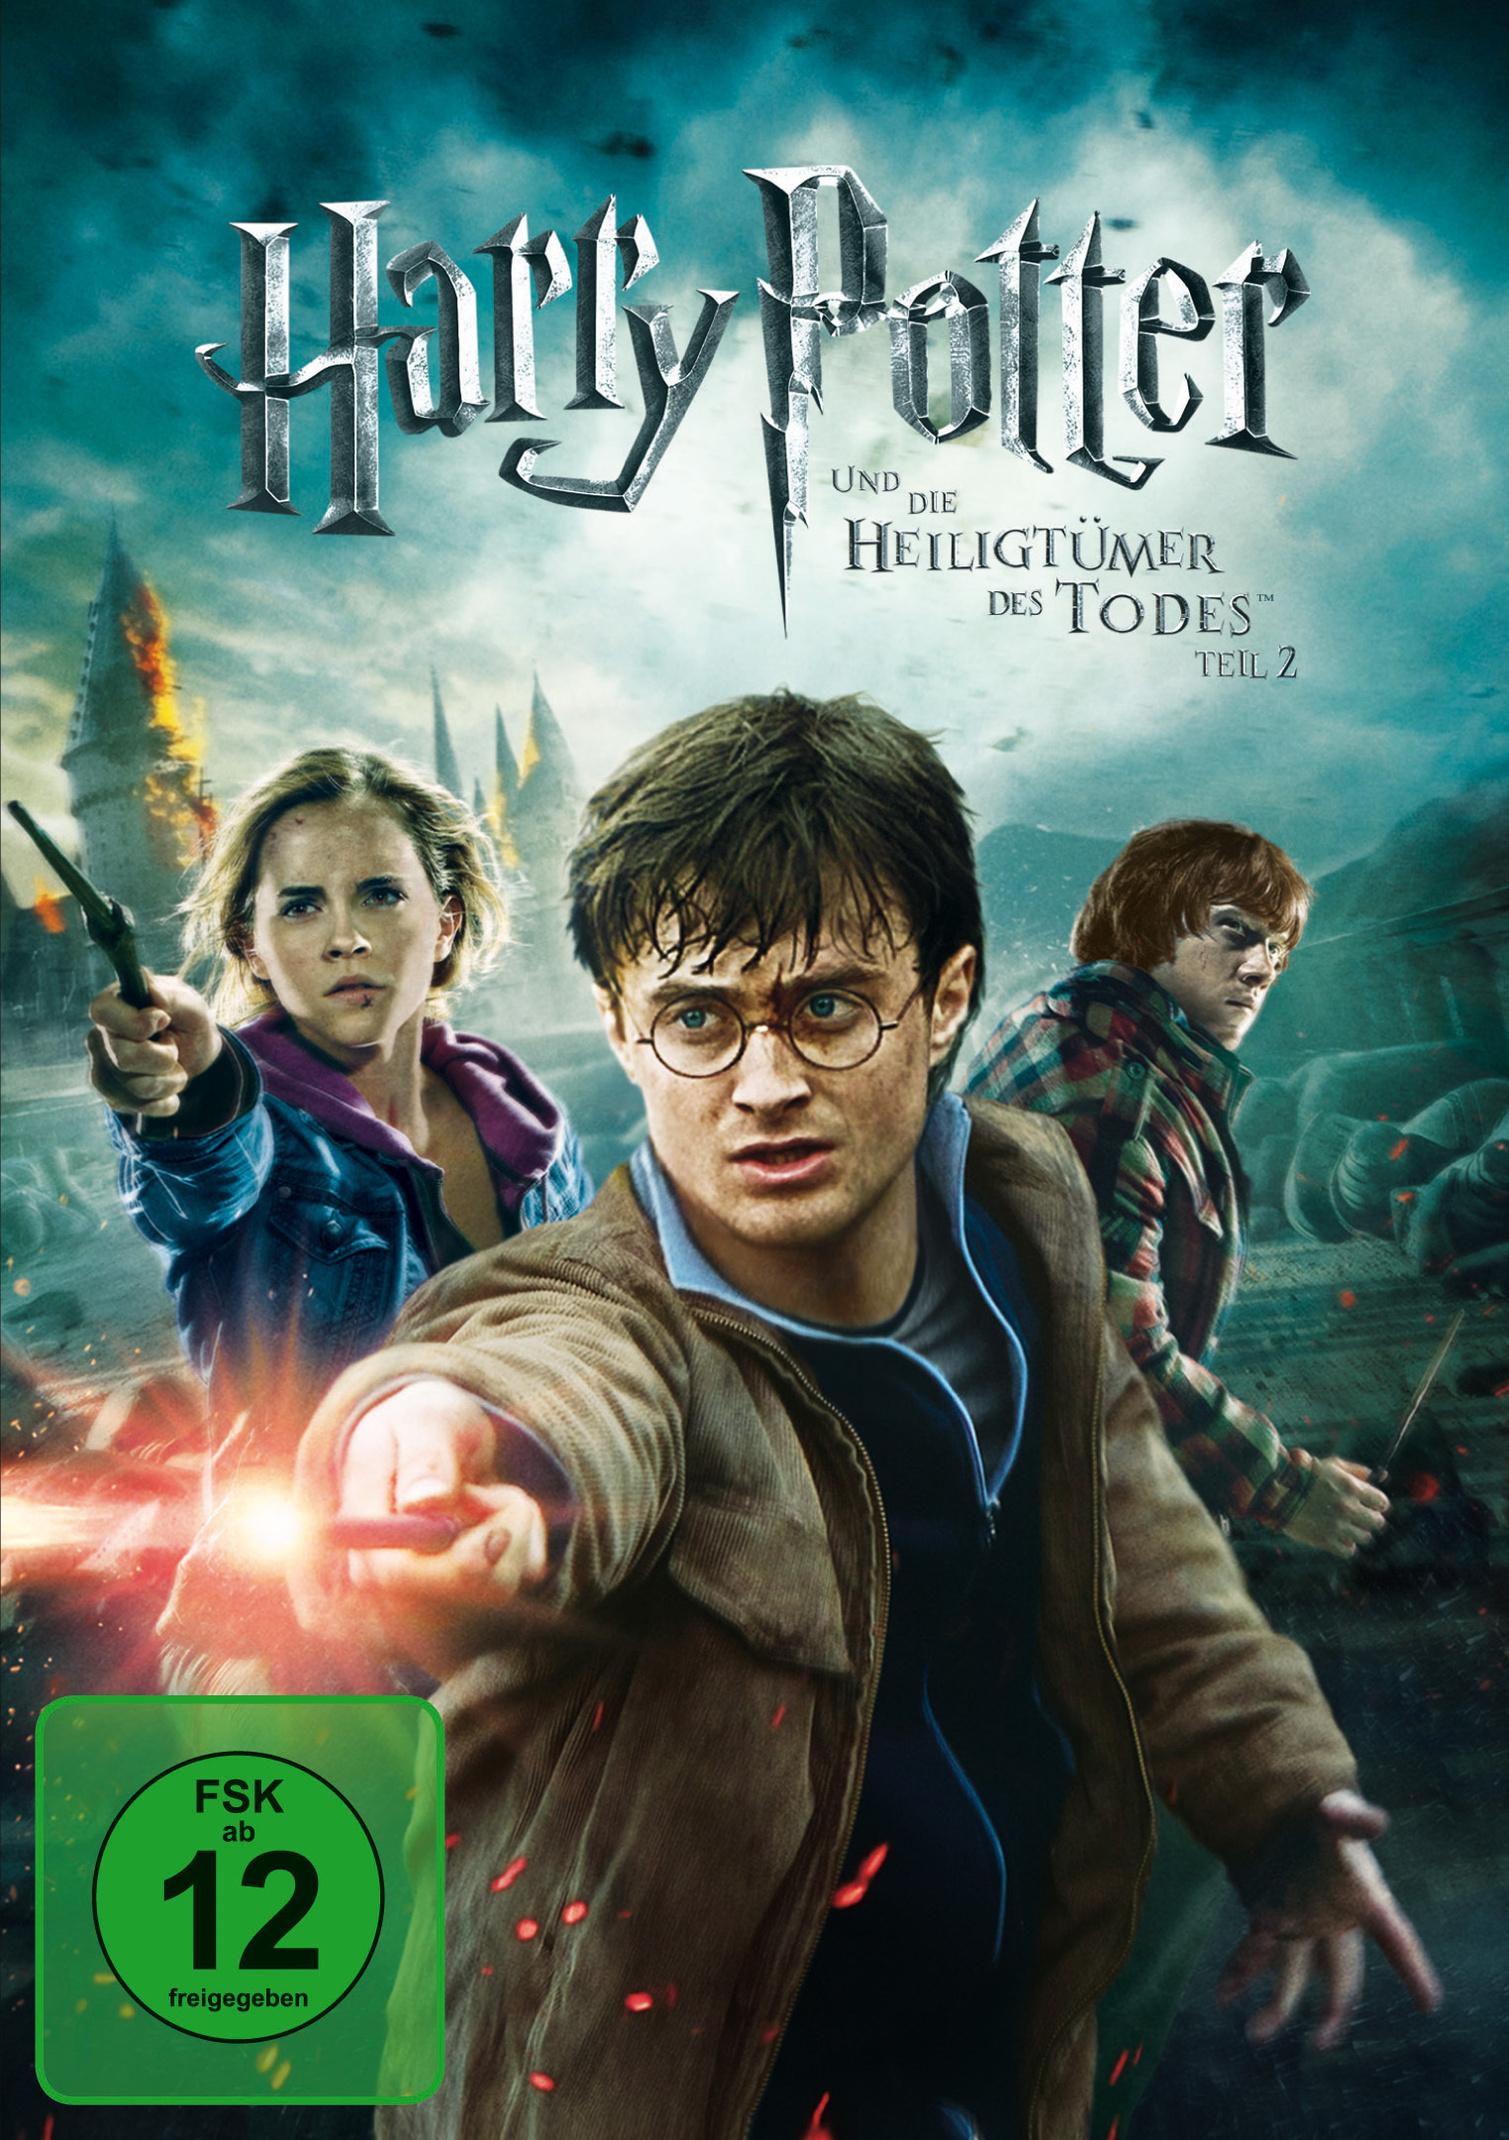 Harry Potter Und Die Heiligtumer Des Todes Teil 2 Film Weltbild De